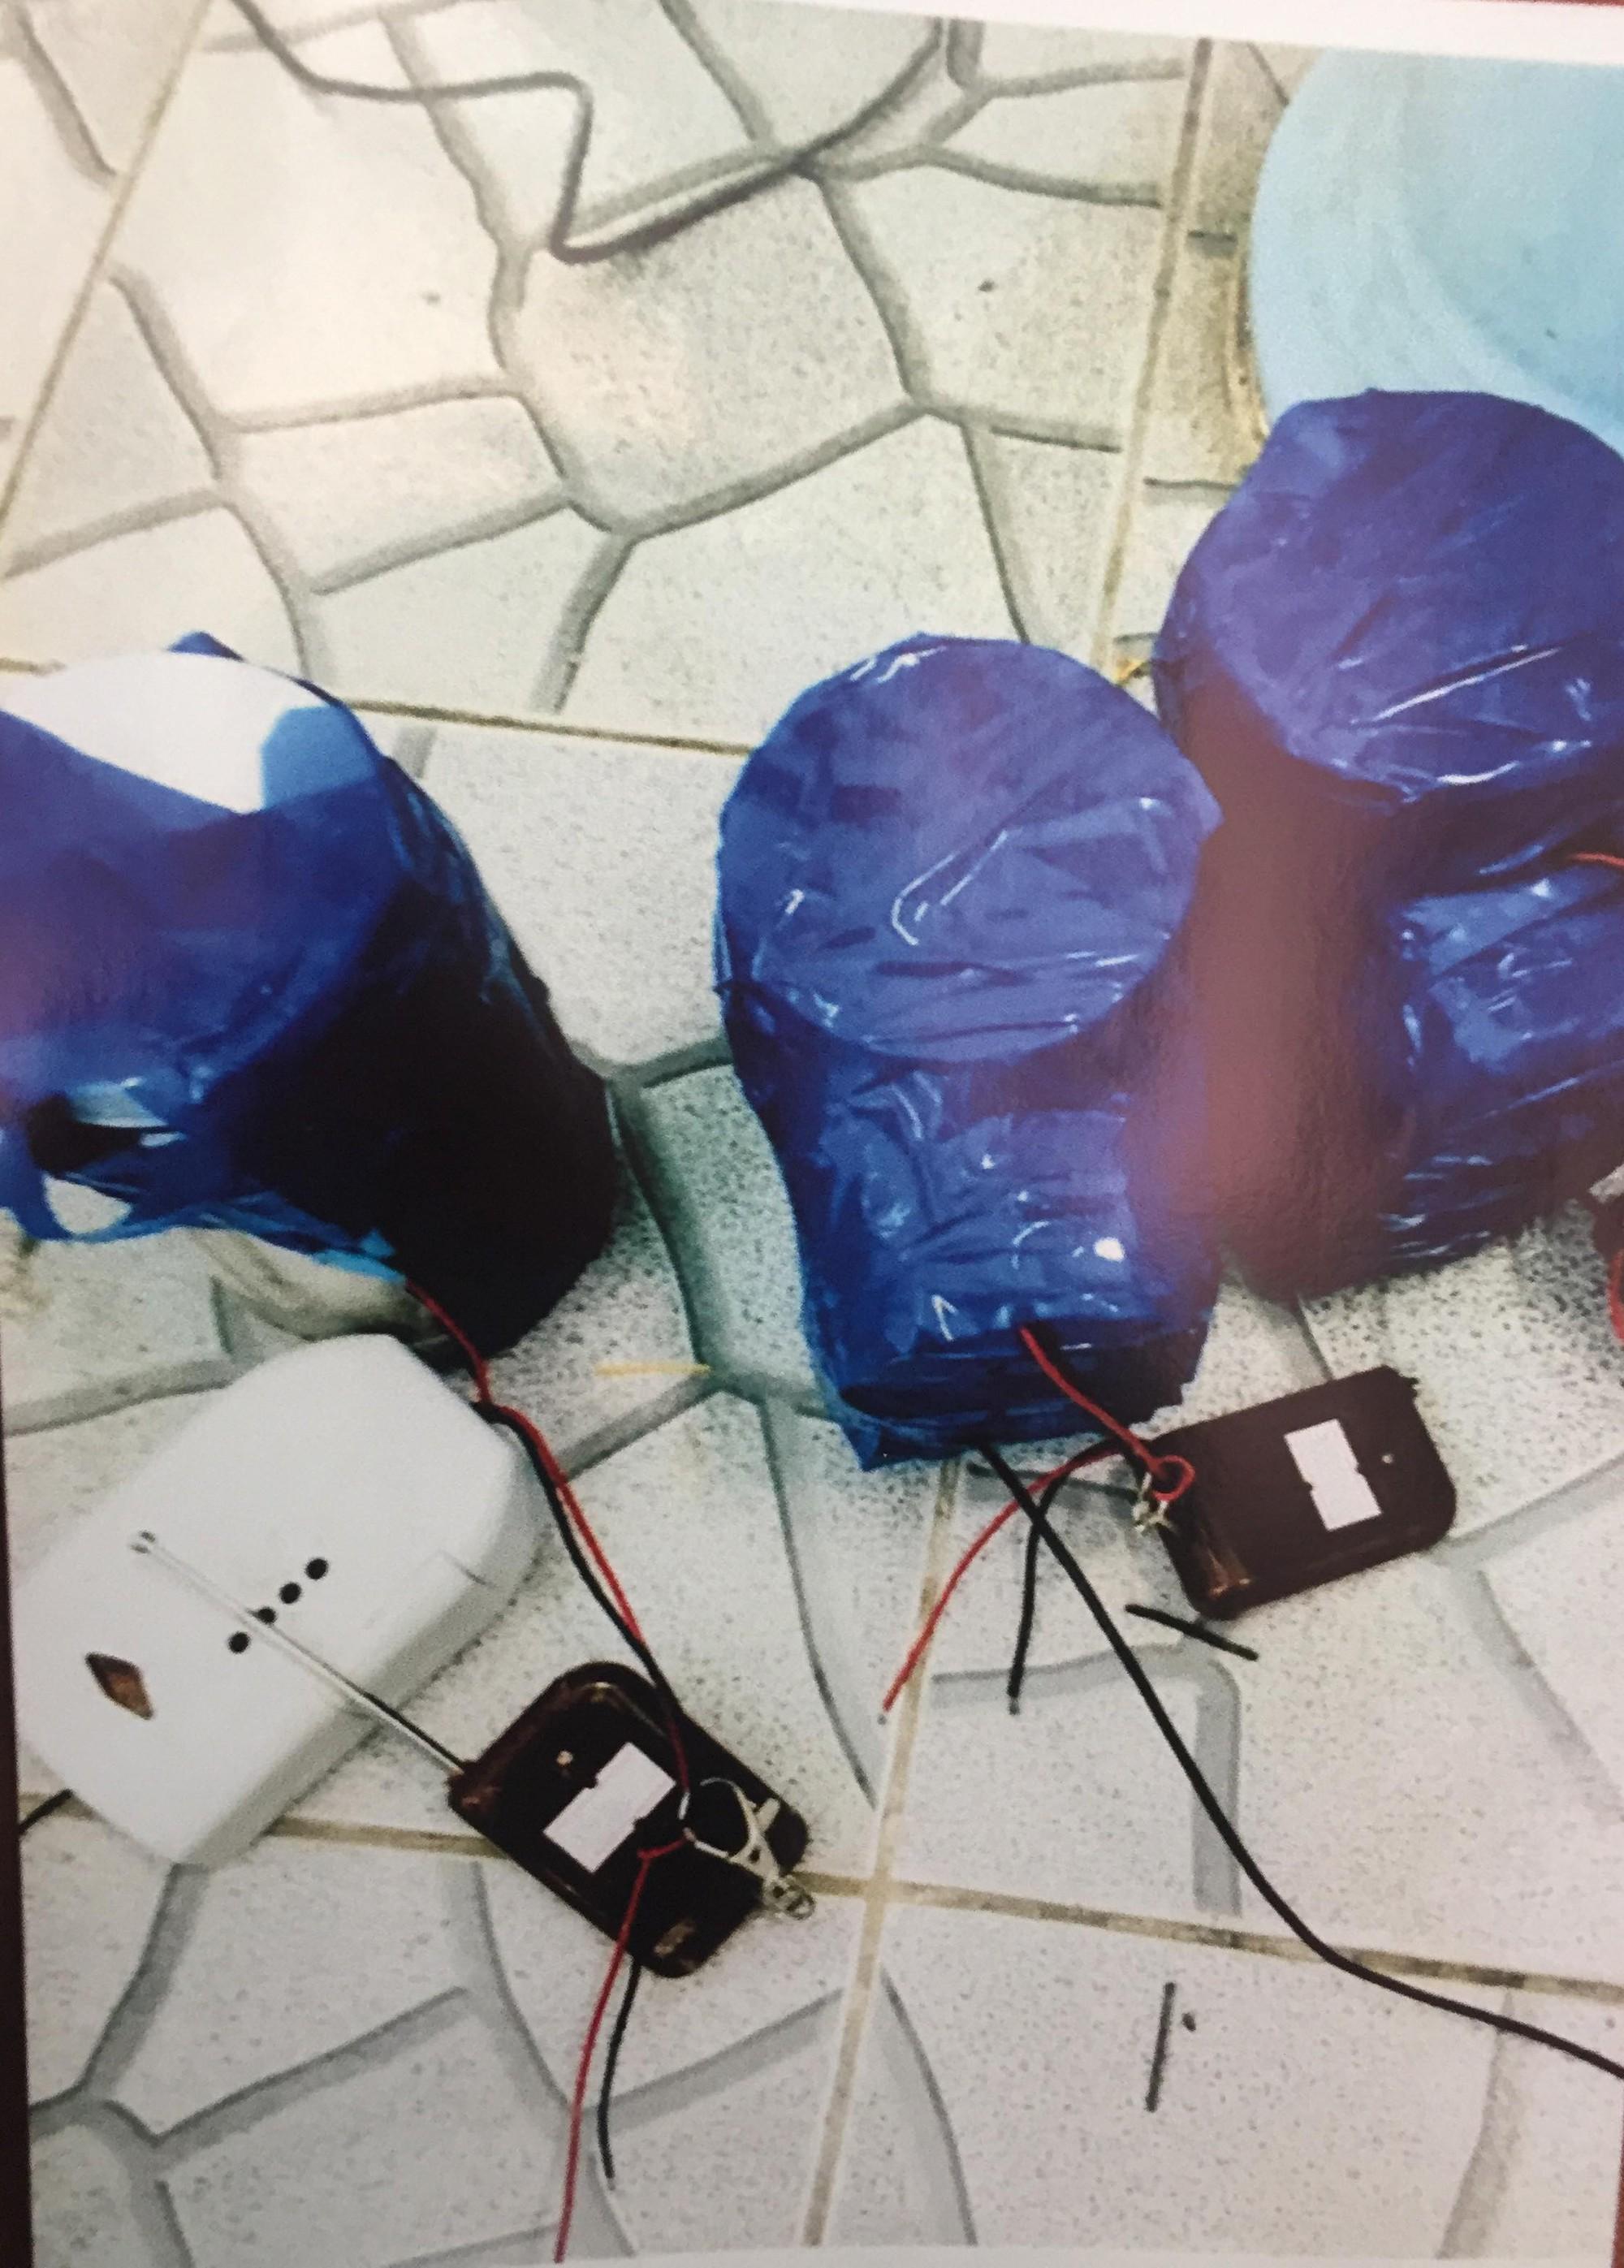 [ẢNH] 10kg thuốc nổ trong nhà của kẻ ném bom vào trụ sở công an phường 12